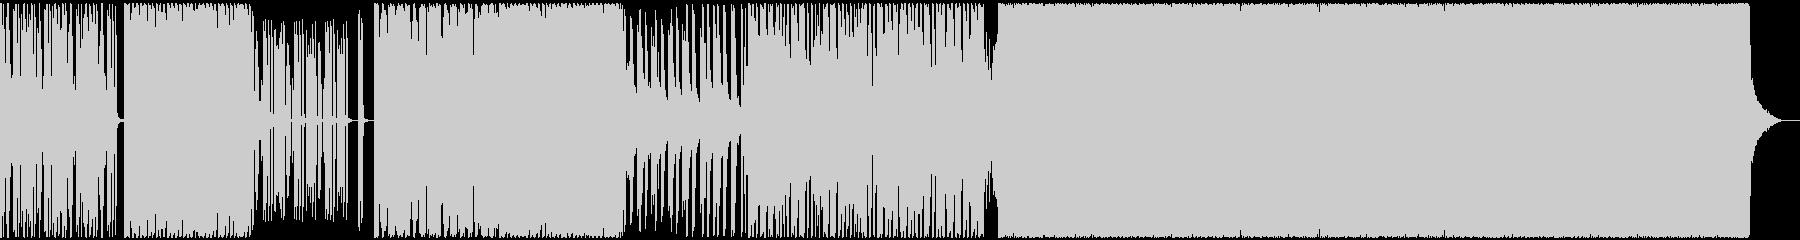 カッコいいサイケデリックトランス風BGMの未再生の波形